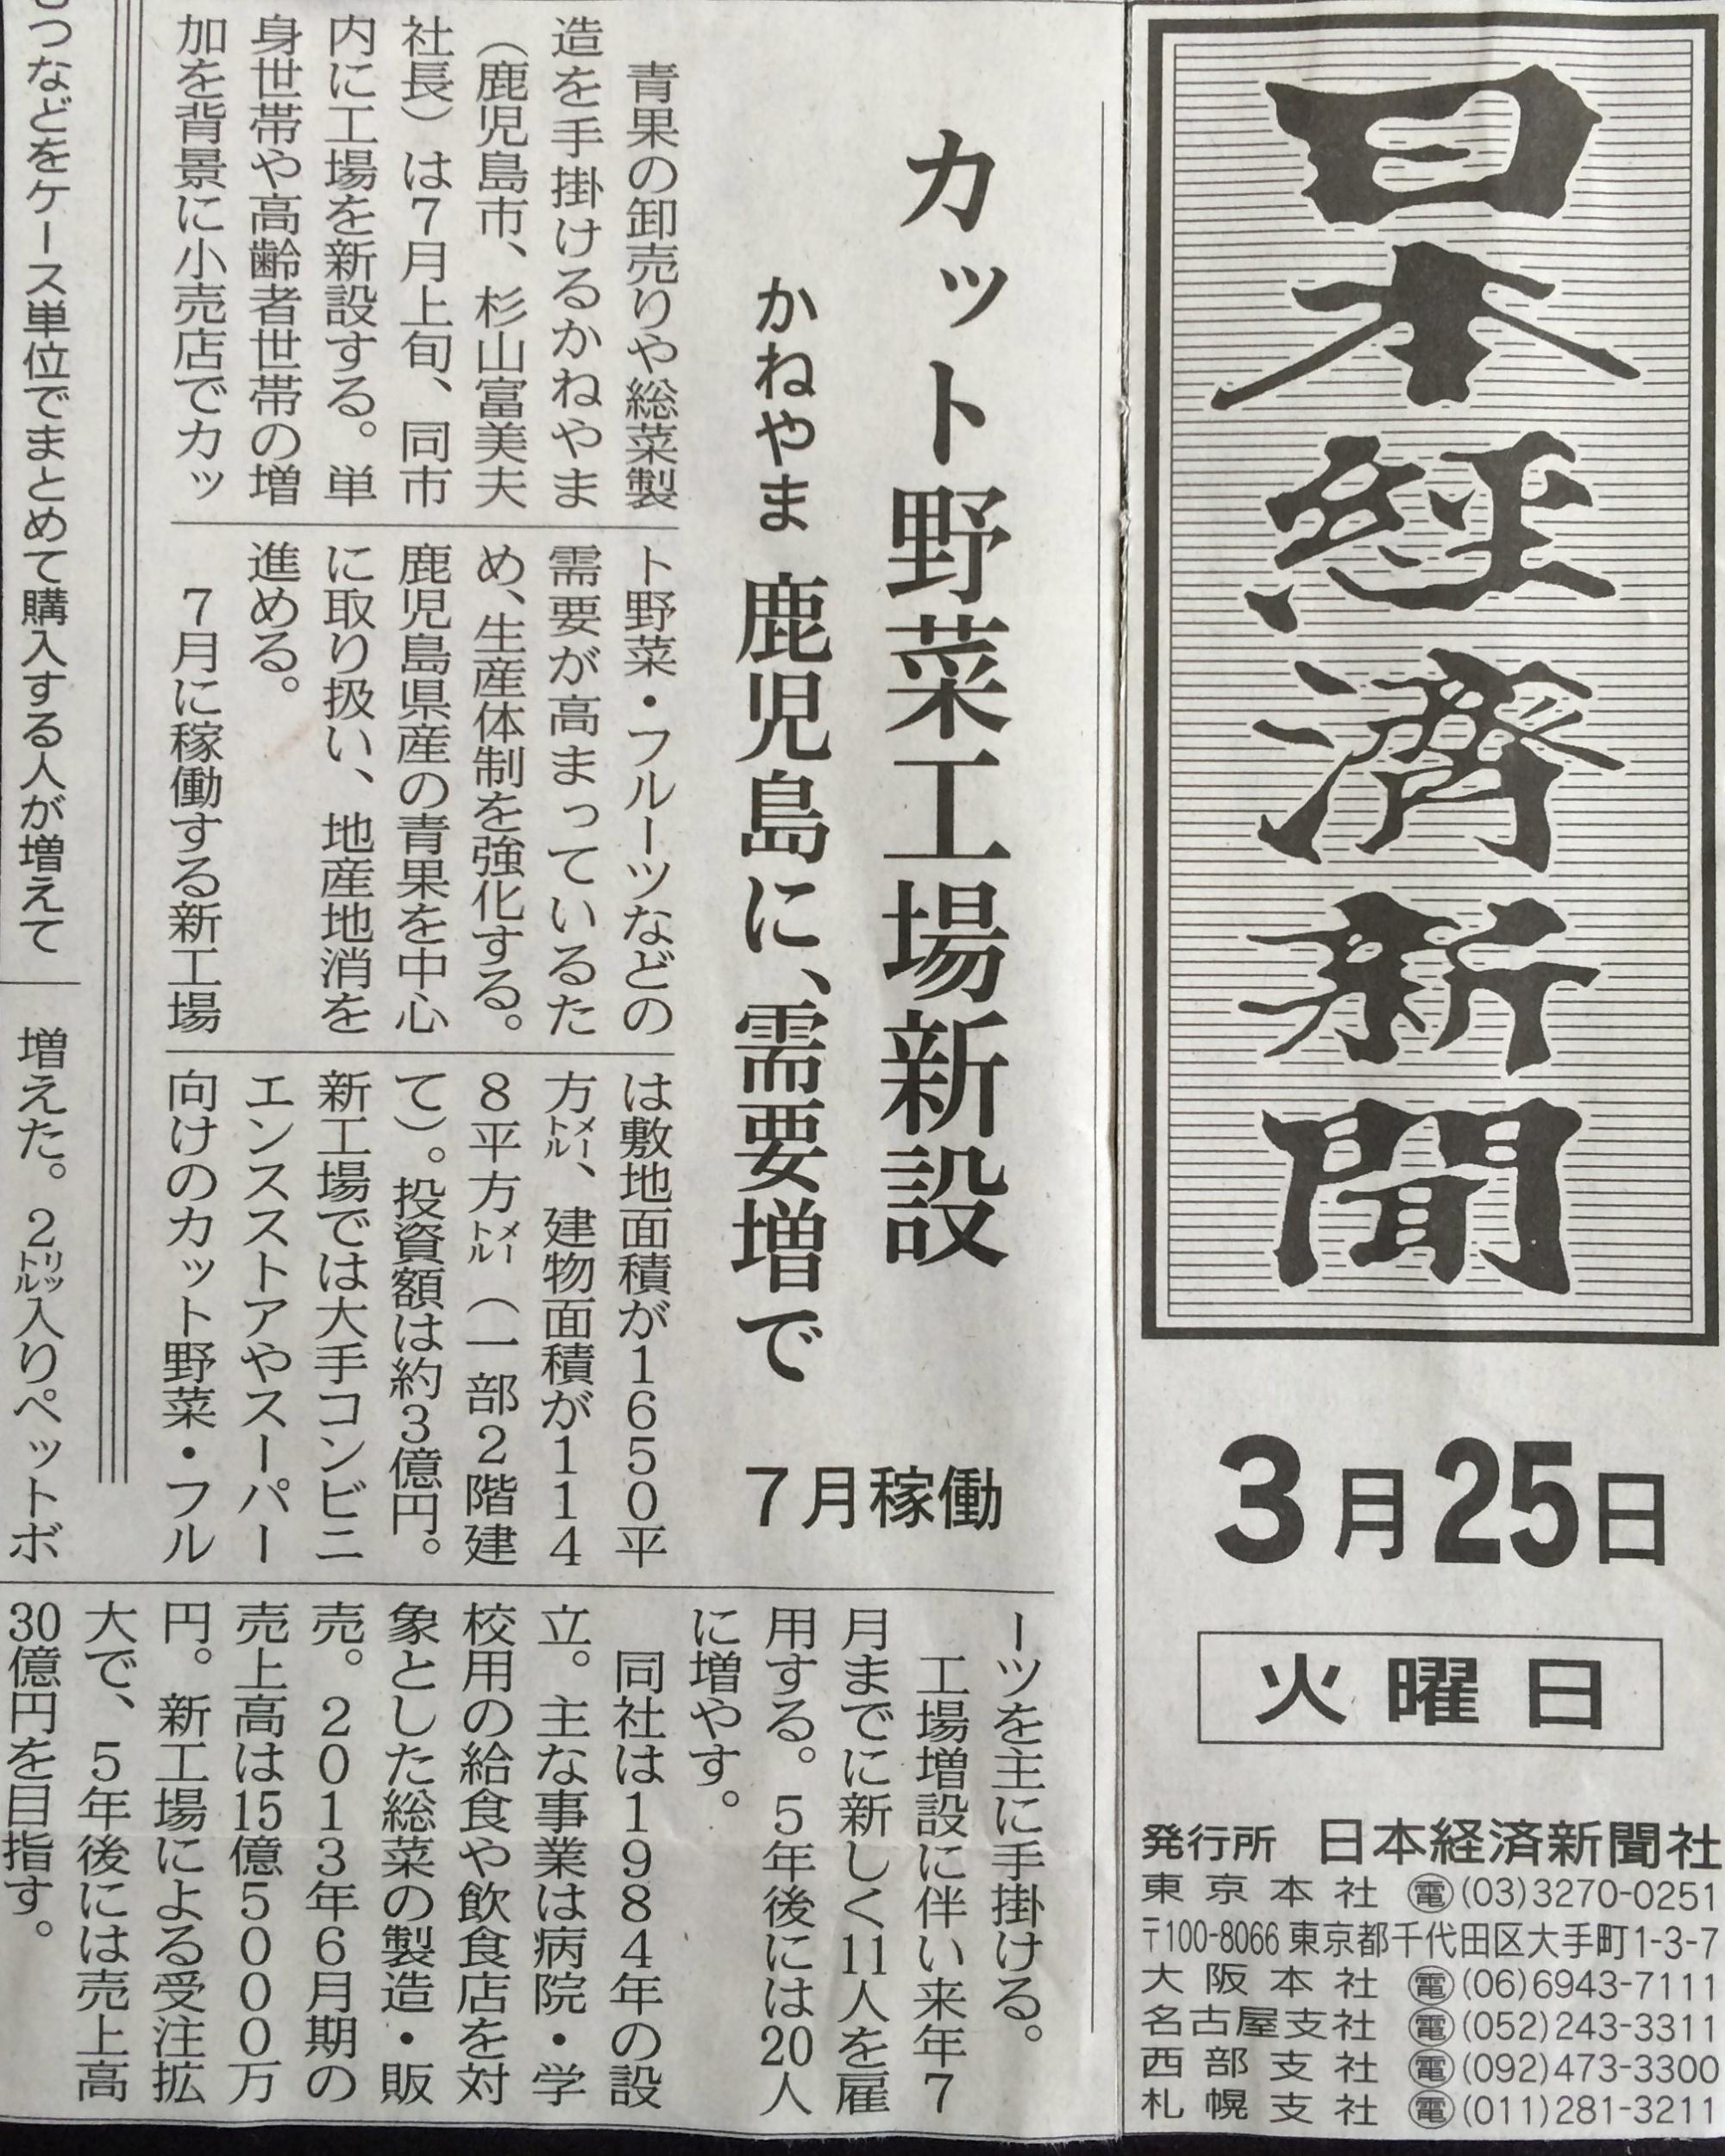 2014年3月25日 日本経済新聞